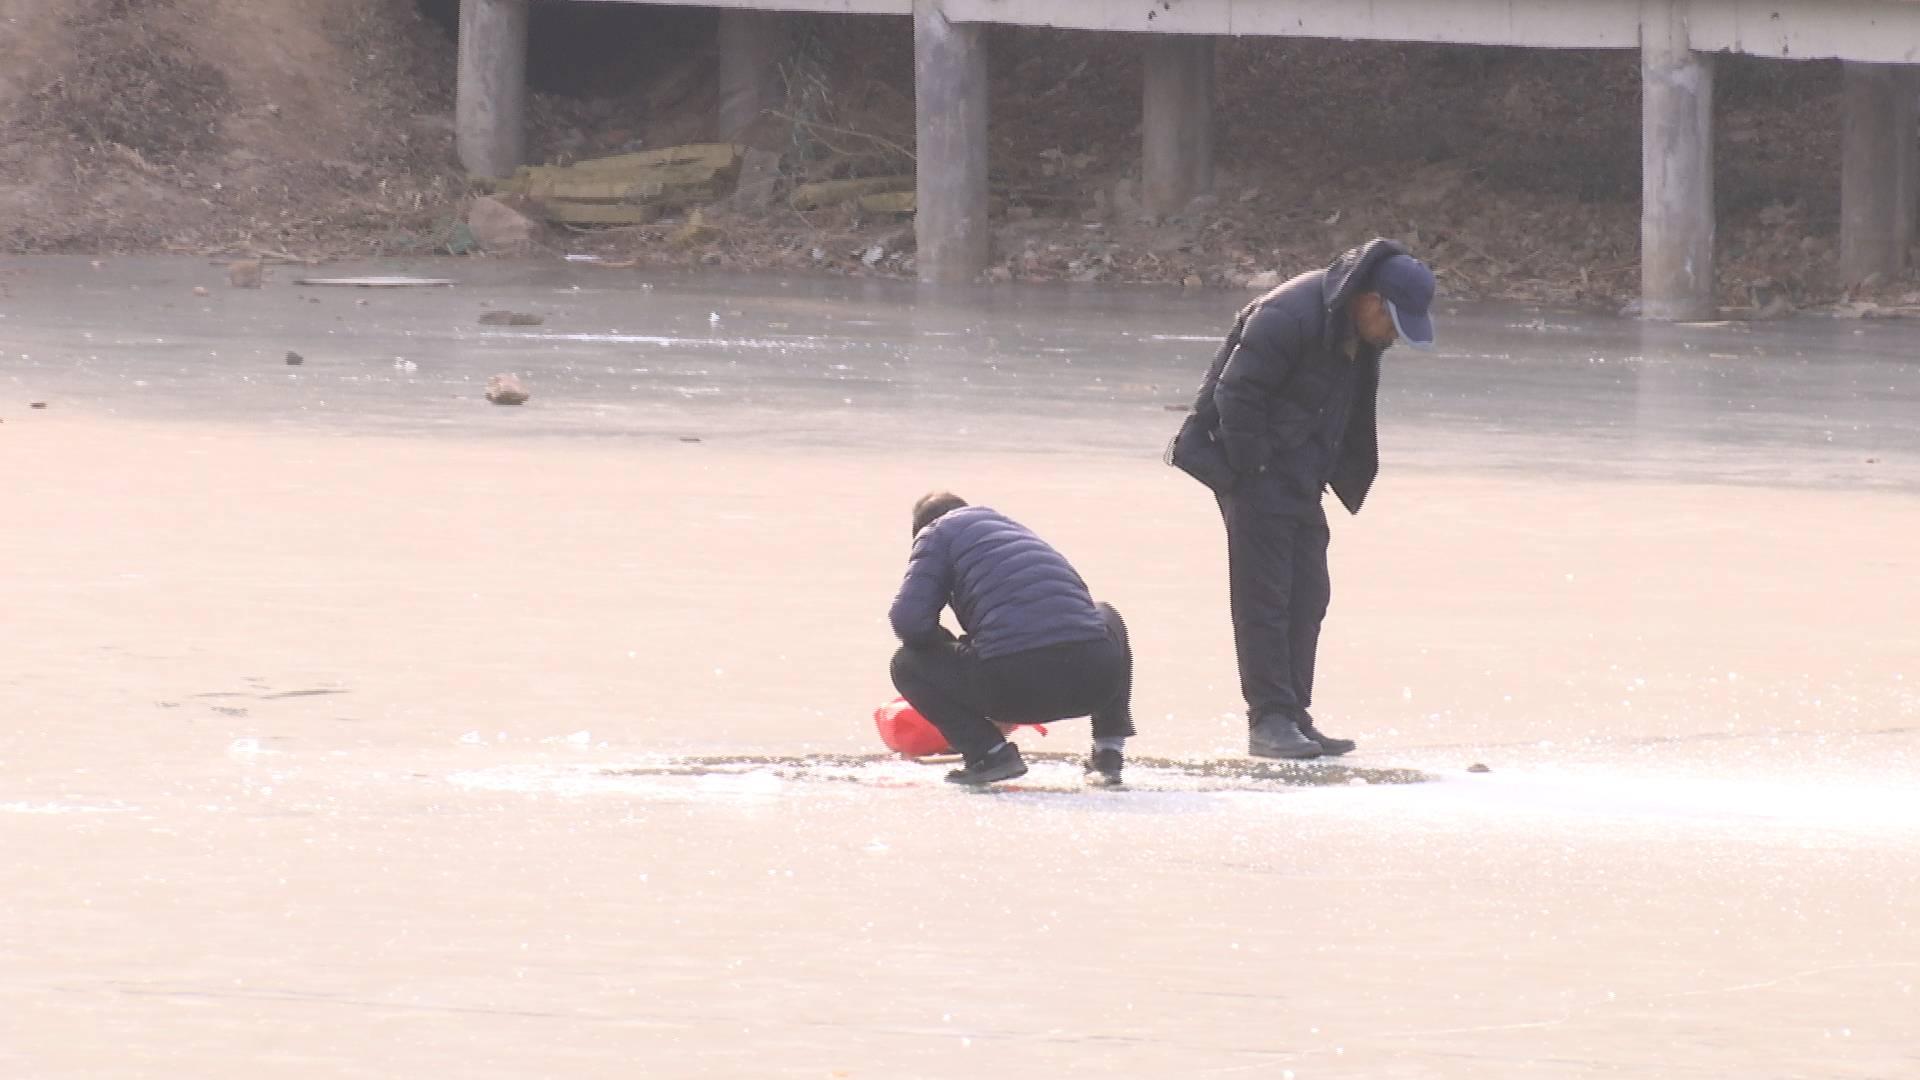 65秒|危险!济南腊山分洪道有人砸冰摸鱼 还有孩子